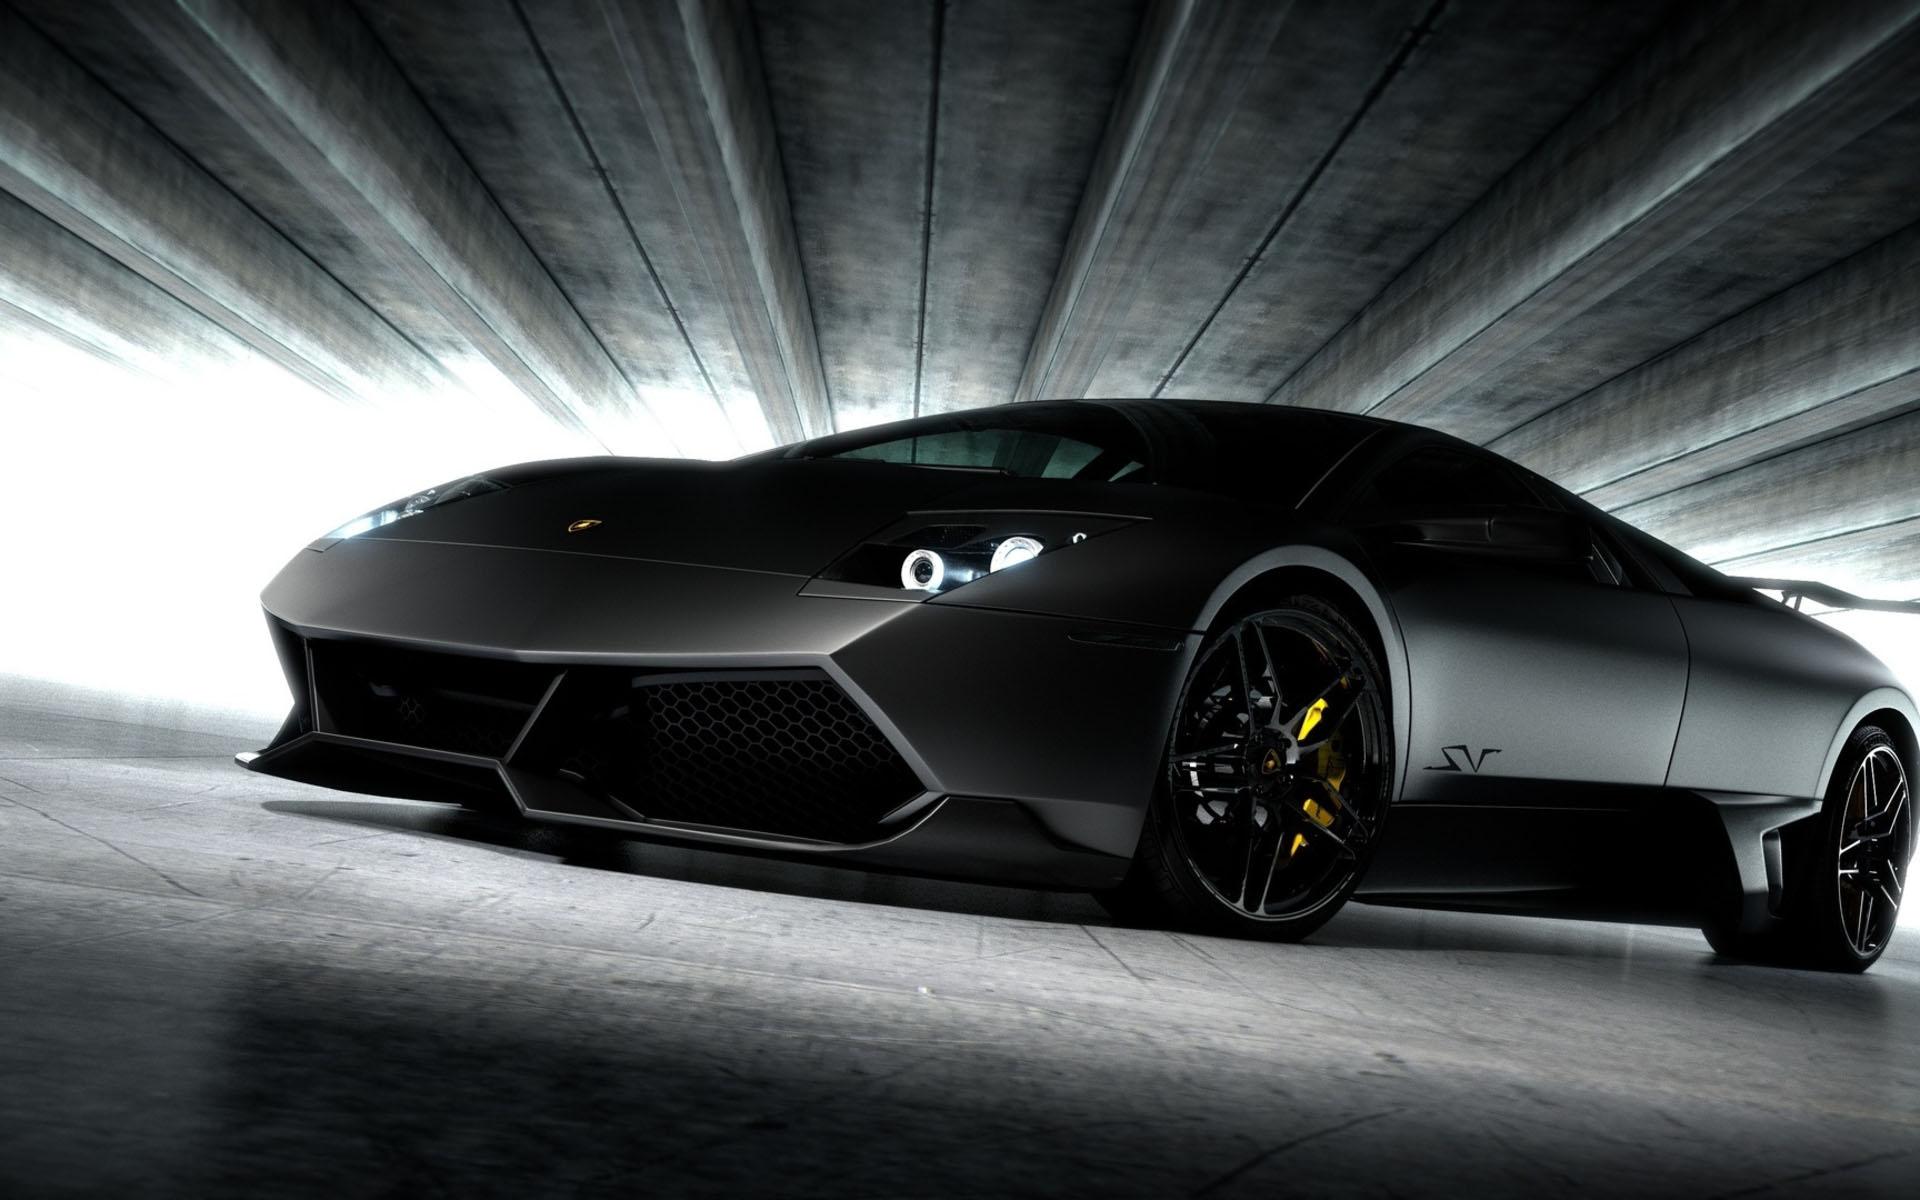 Hình nền Lamborghini murcielago